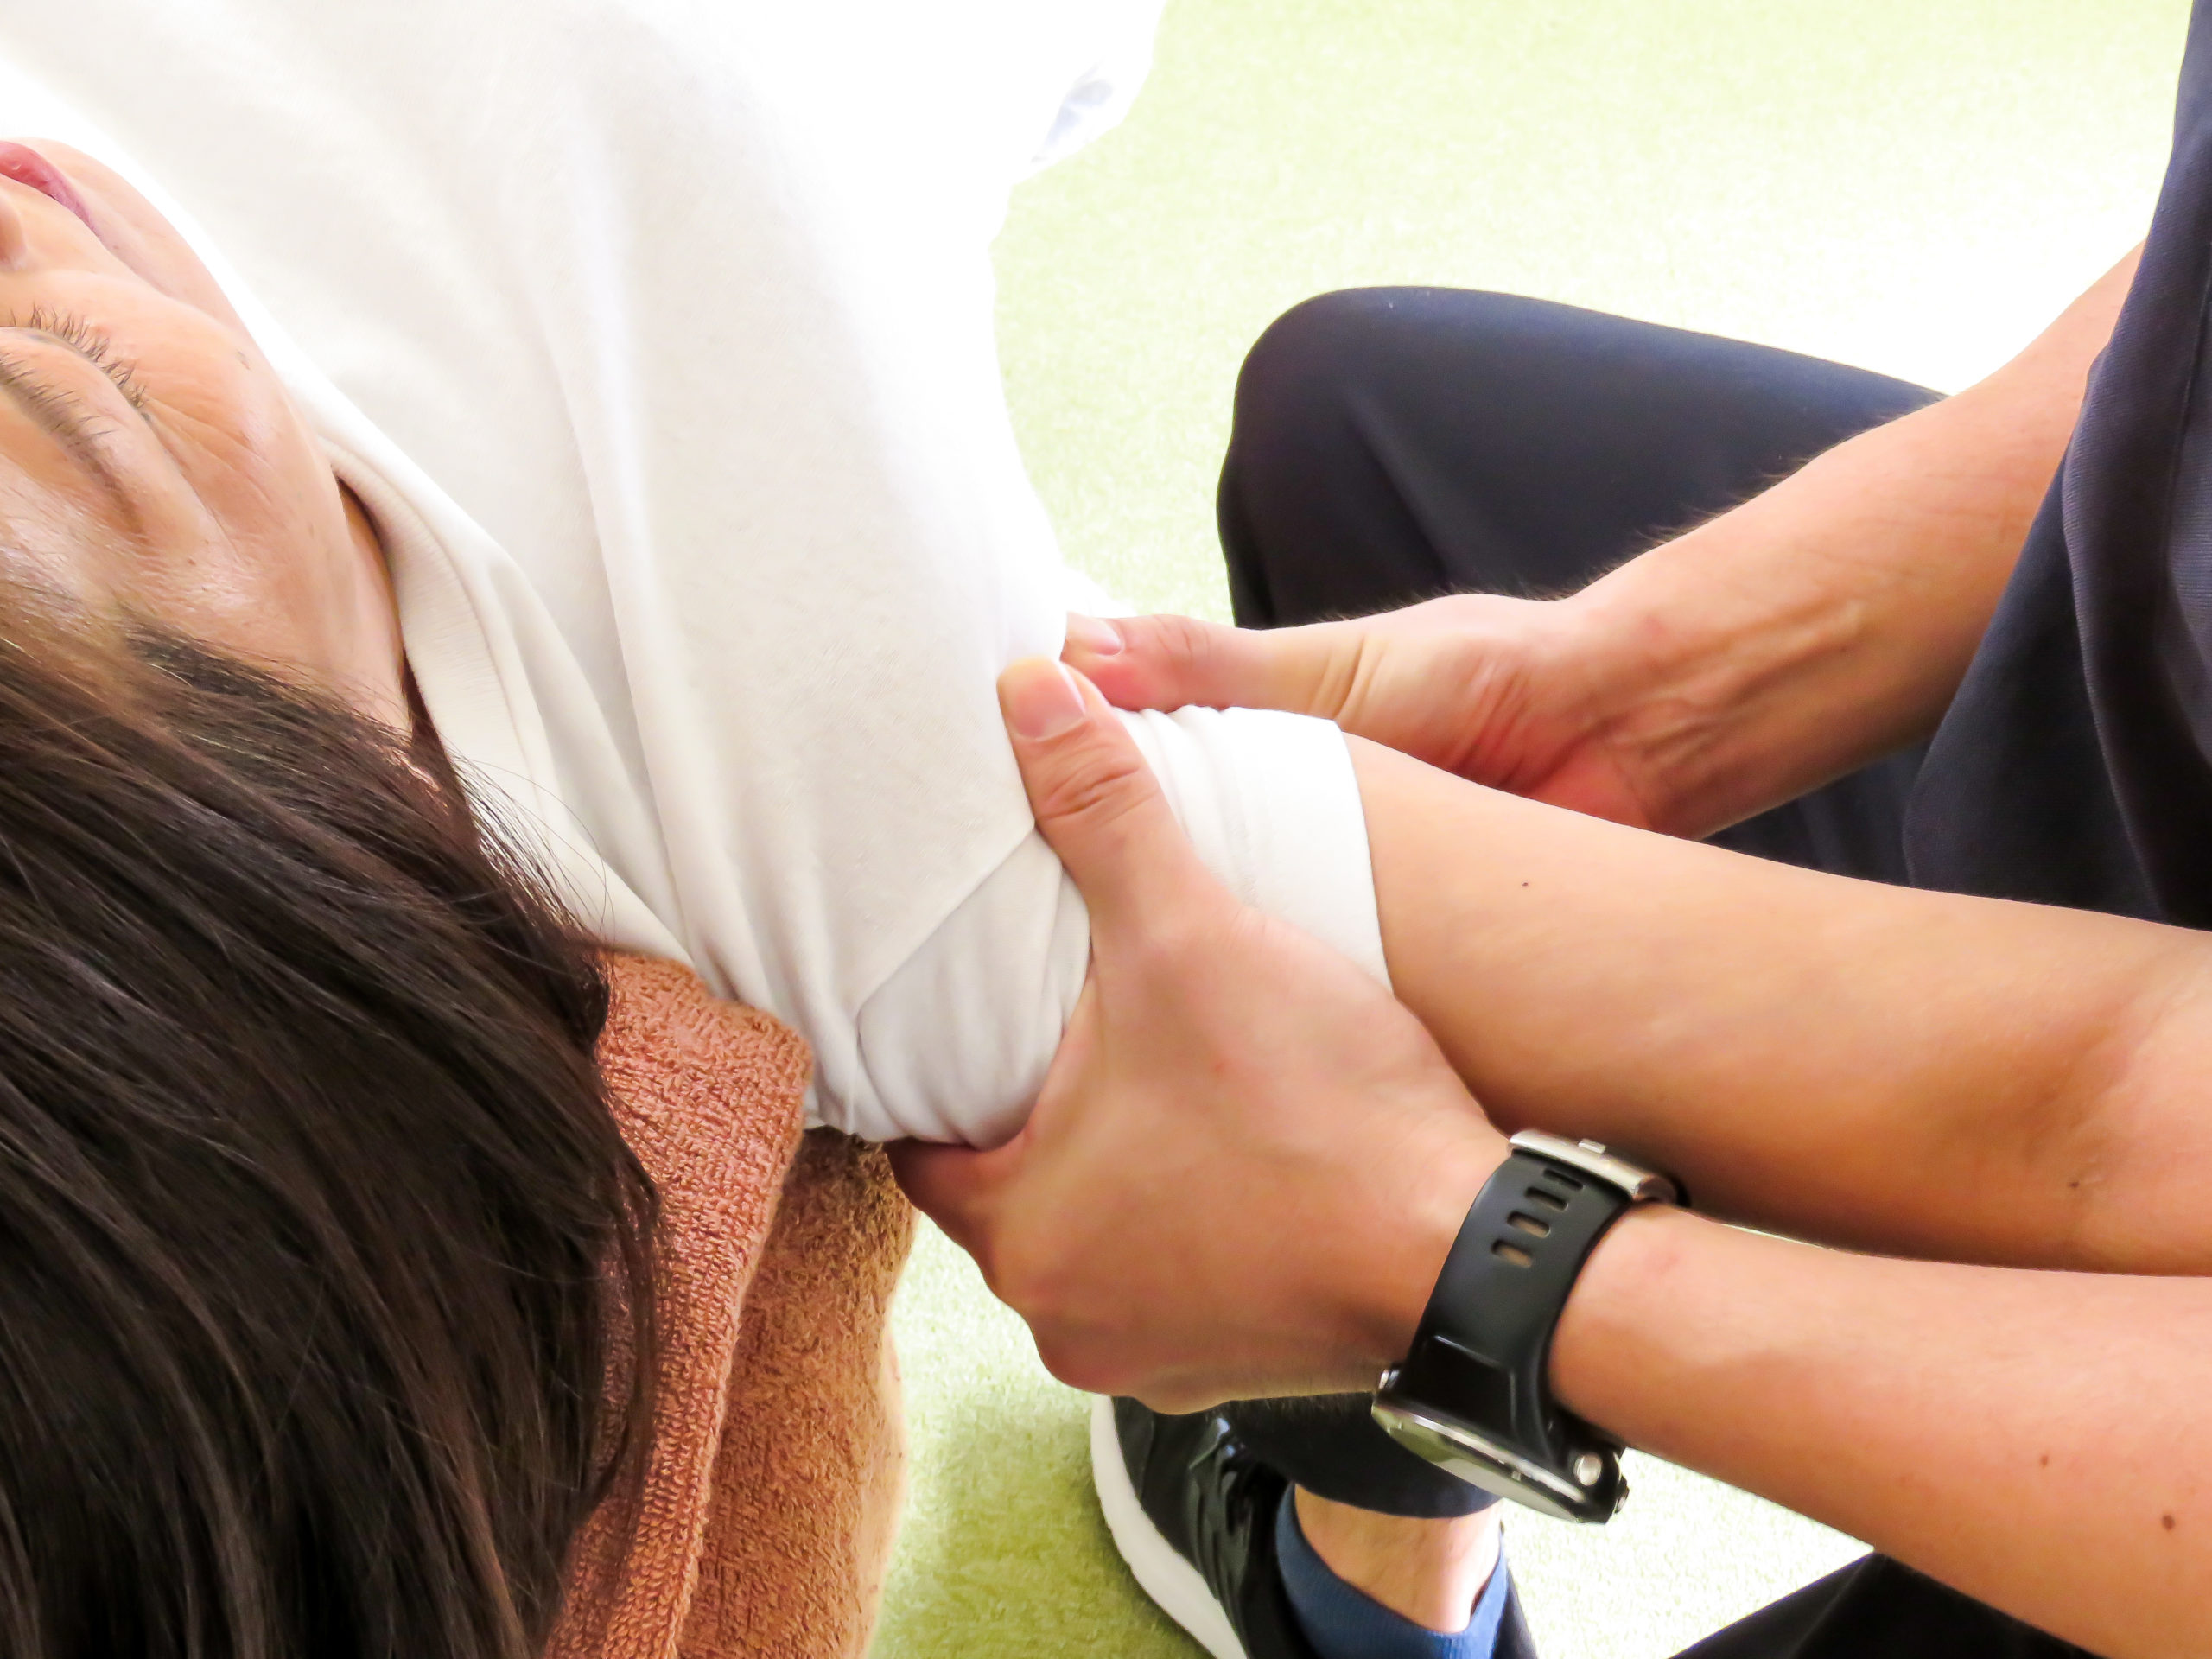 浜松たいかん鍼灸治療院四十肩・五十肩施術画像